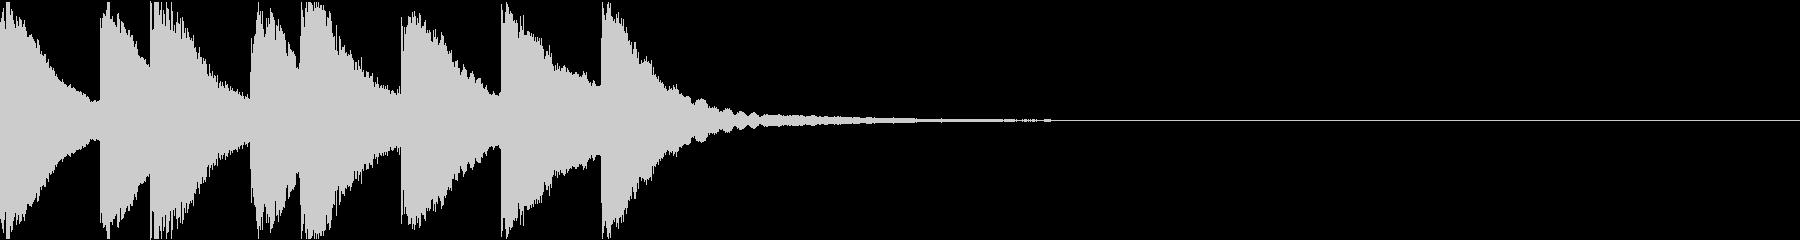 シンプル ベル チャイナ 中国風 15の未再生の波形